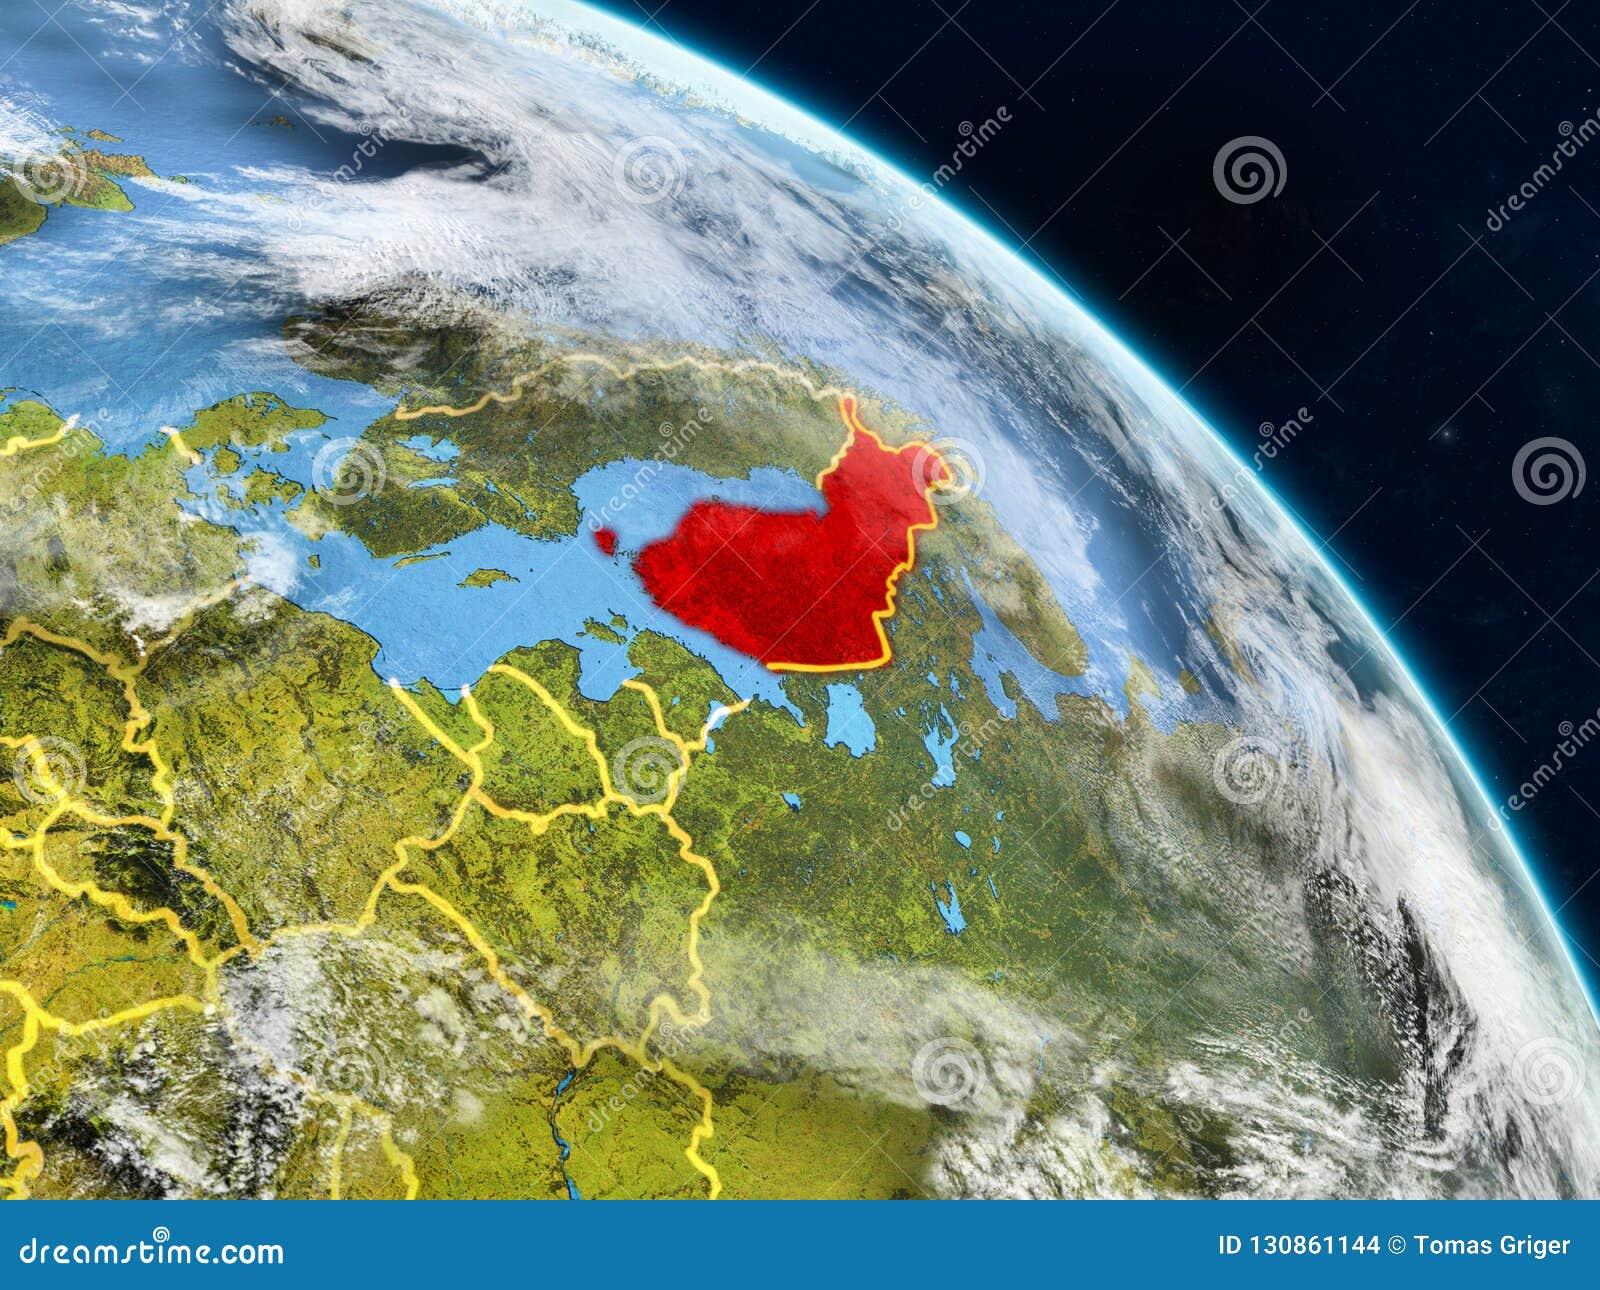 Земля в финляндии купить дом в пунта кане